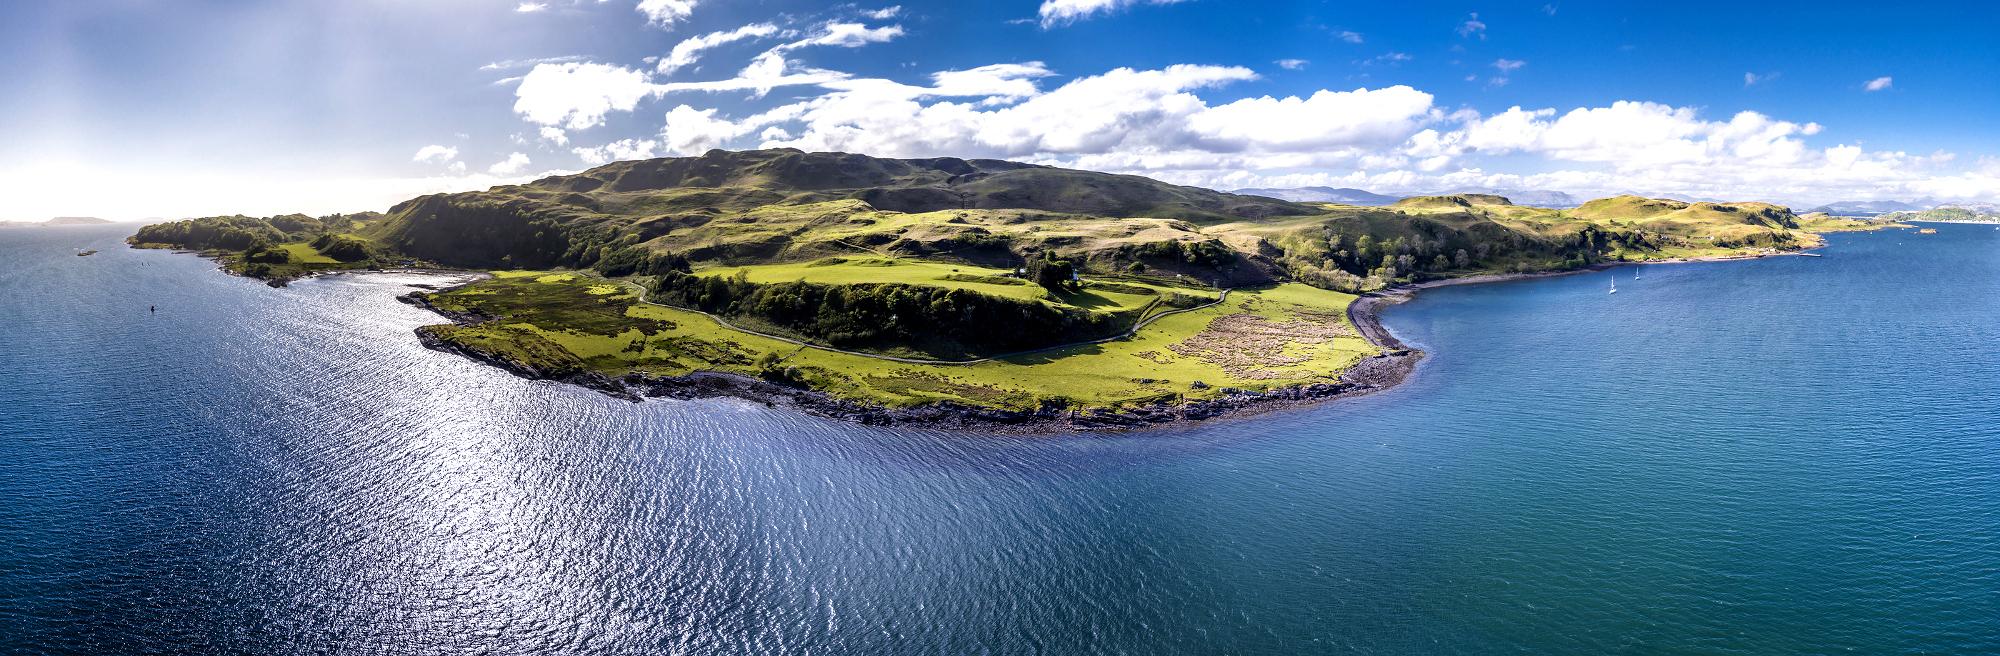 Rundreise Schottland Küstenpanorama